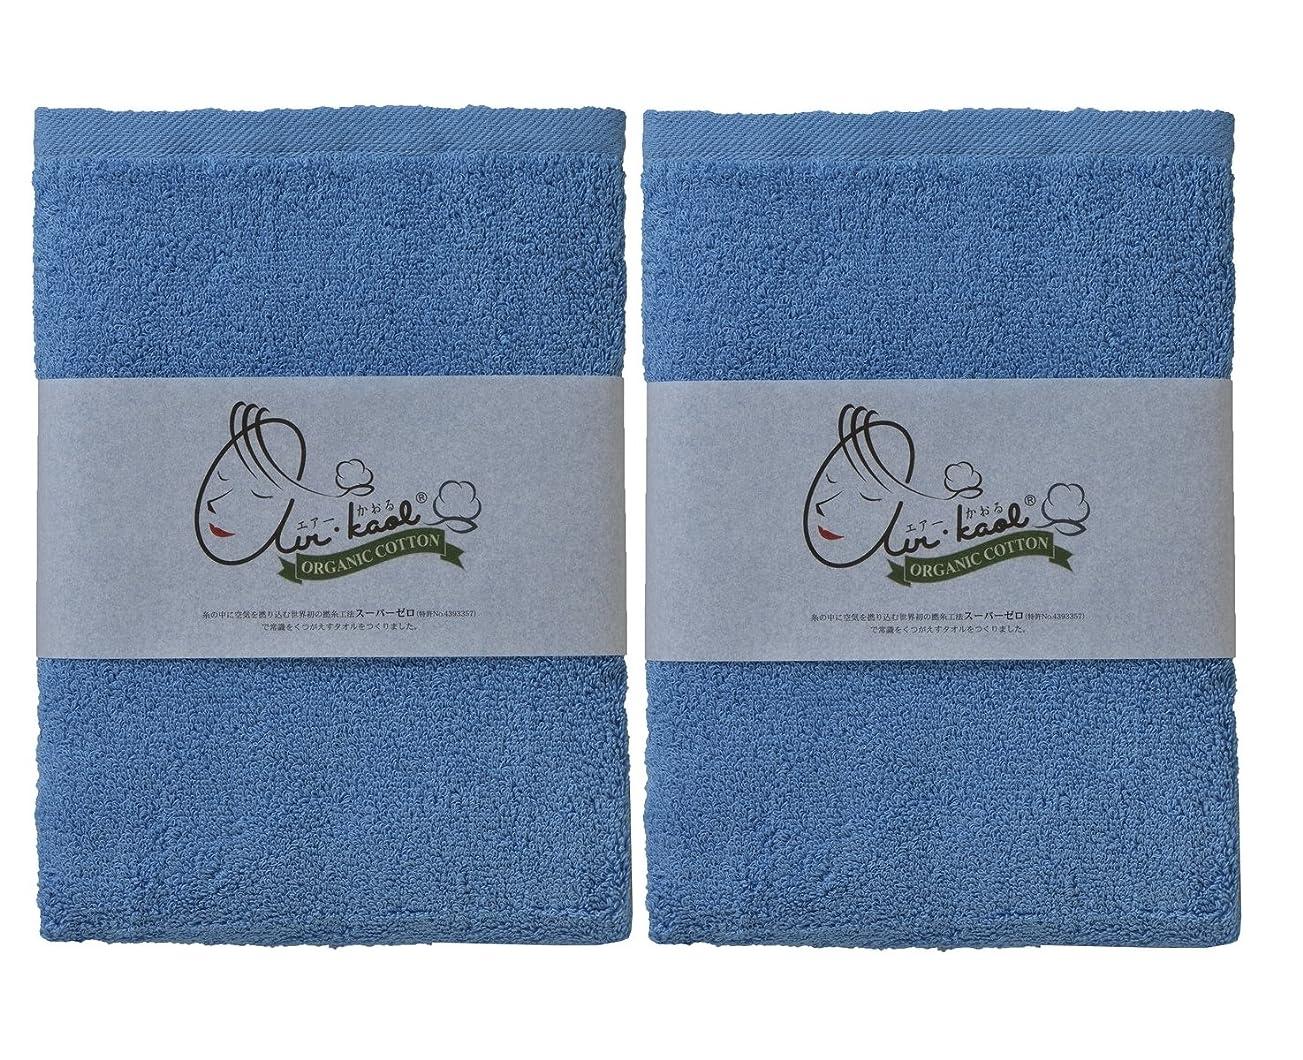 有益なお香ずんぐりしたエアーかおる バスタオル ブルー 60×120×1cm 2個セット